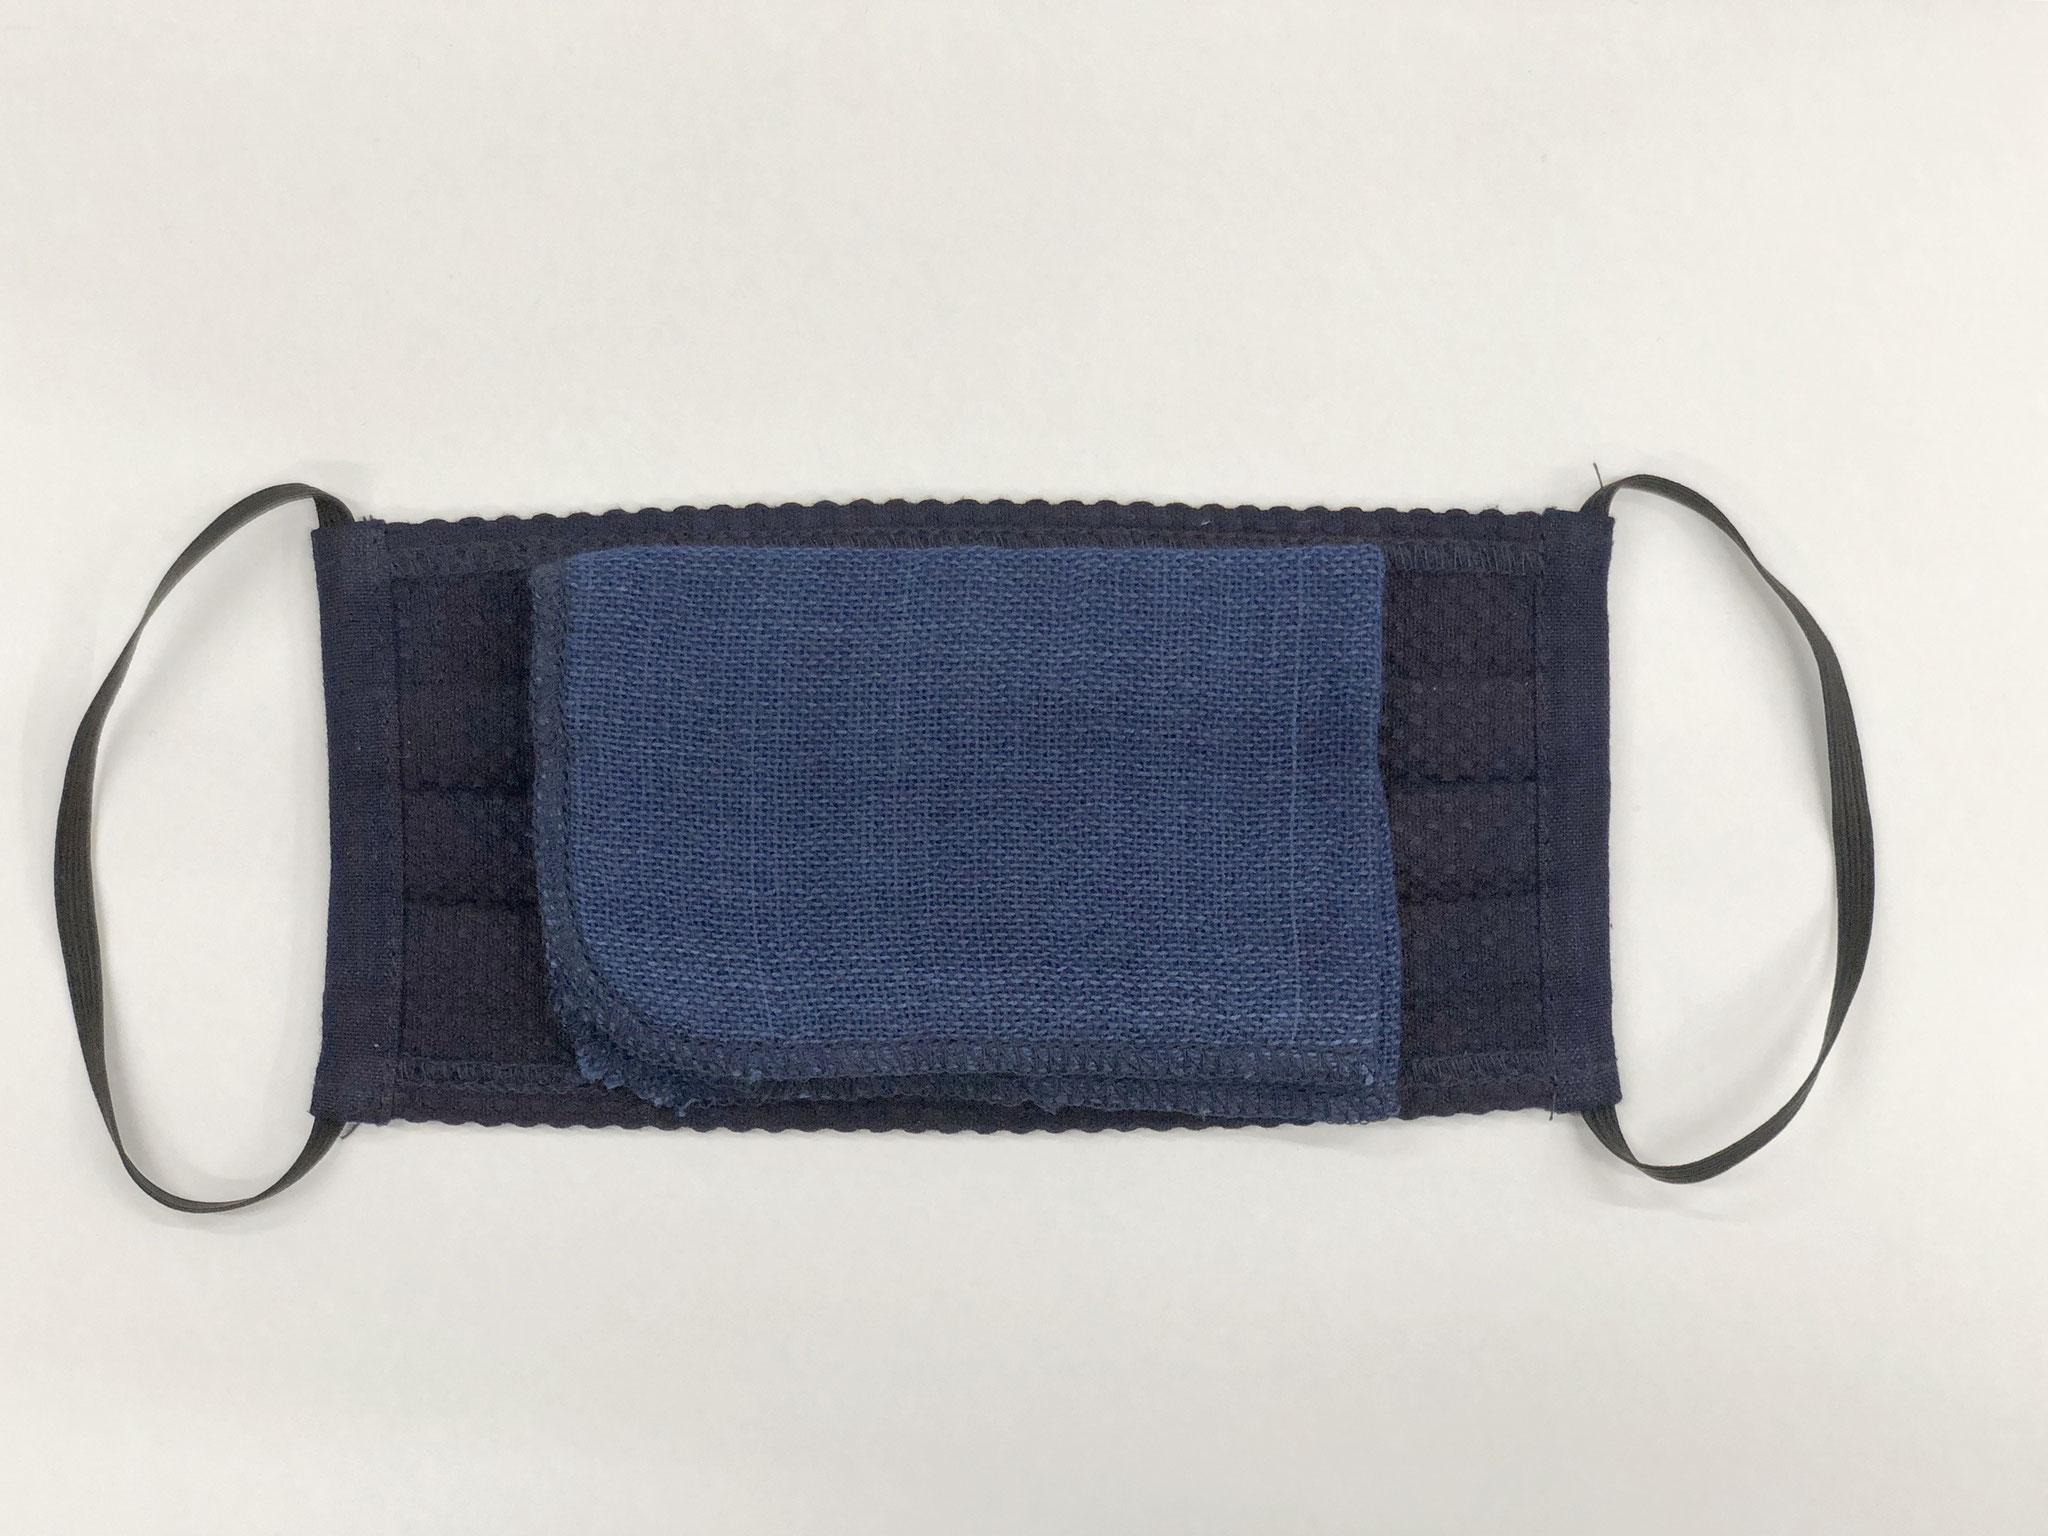 <裏> 当て布は呼吸しやすいソフト織り 大判サイズで自由な大きさにたためます。